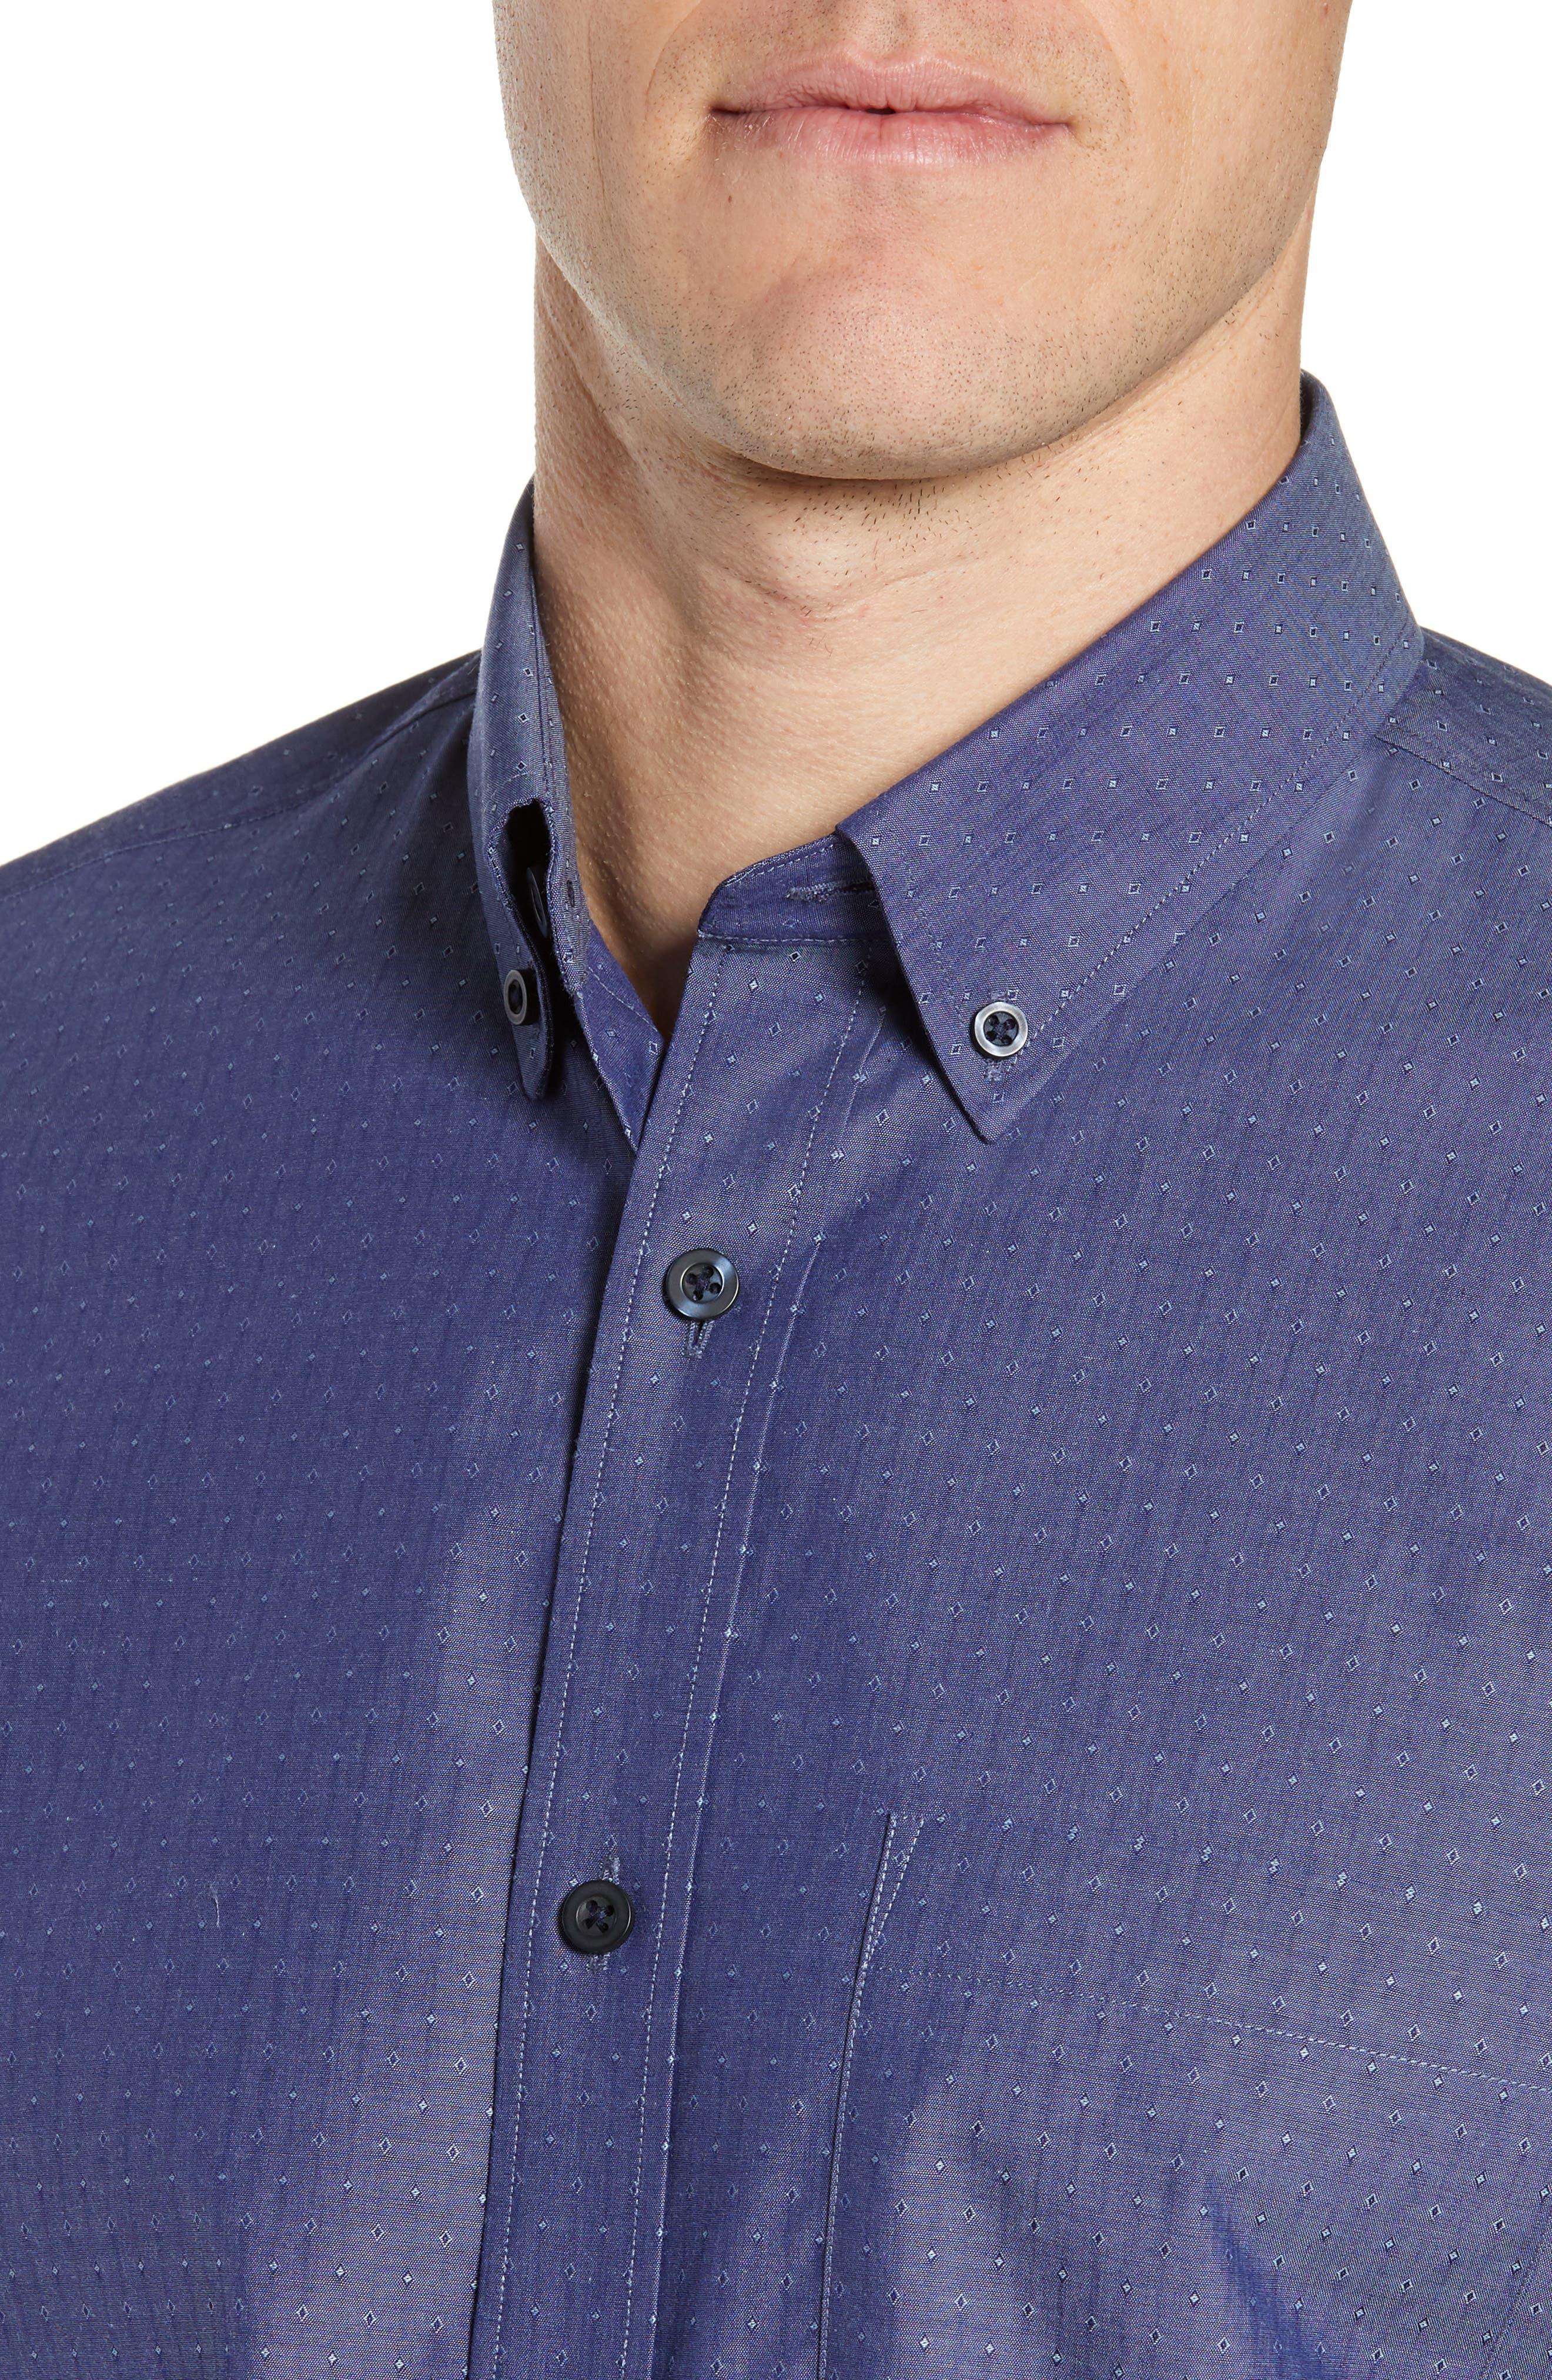 NORDSTROM MEN'S SHOP,                             Regular Fit Non-Iron Dobby Sport Shirt,                             Alternate thumbnail 4, color,                             NAVY PEACOAT DIAMOND DOBBY